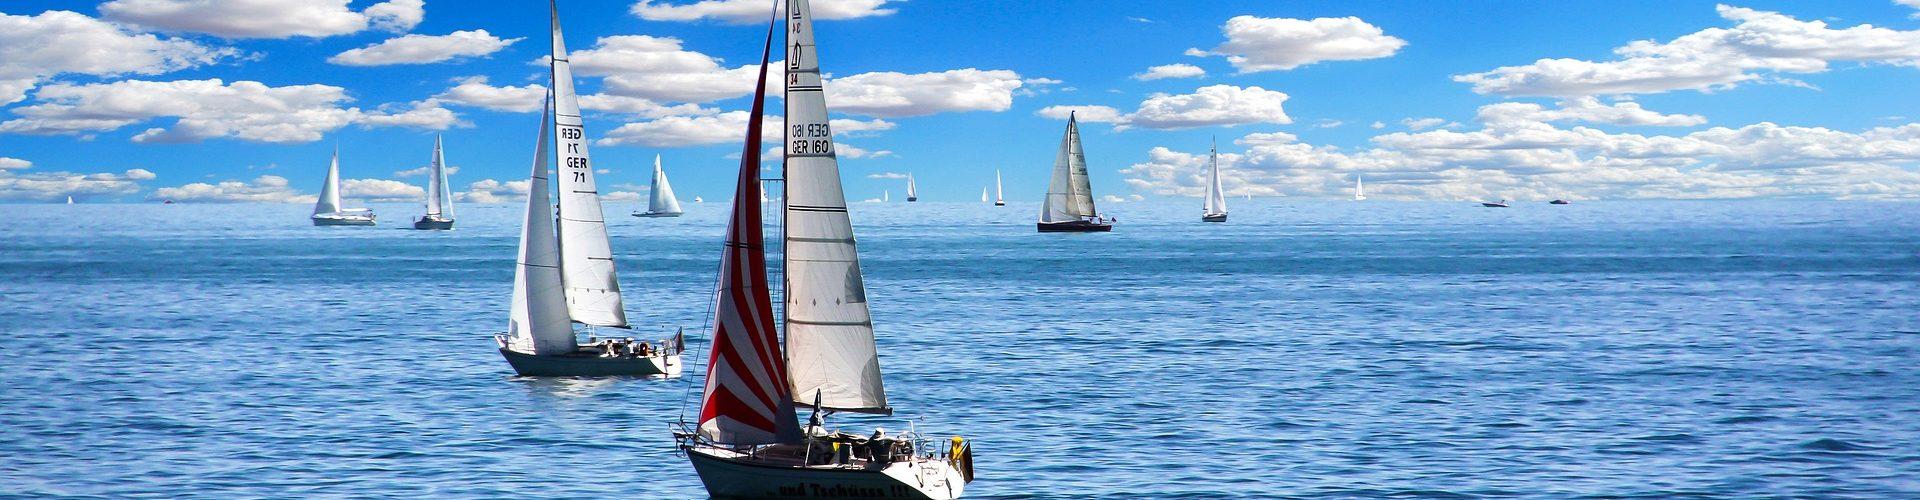 segeln lernen in Eberbach segelschein machen in Eberbach 1920x500 - Segeln lernen in Eberbach